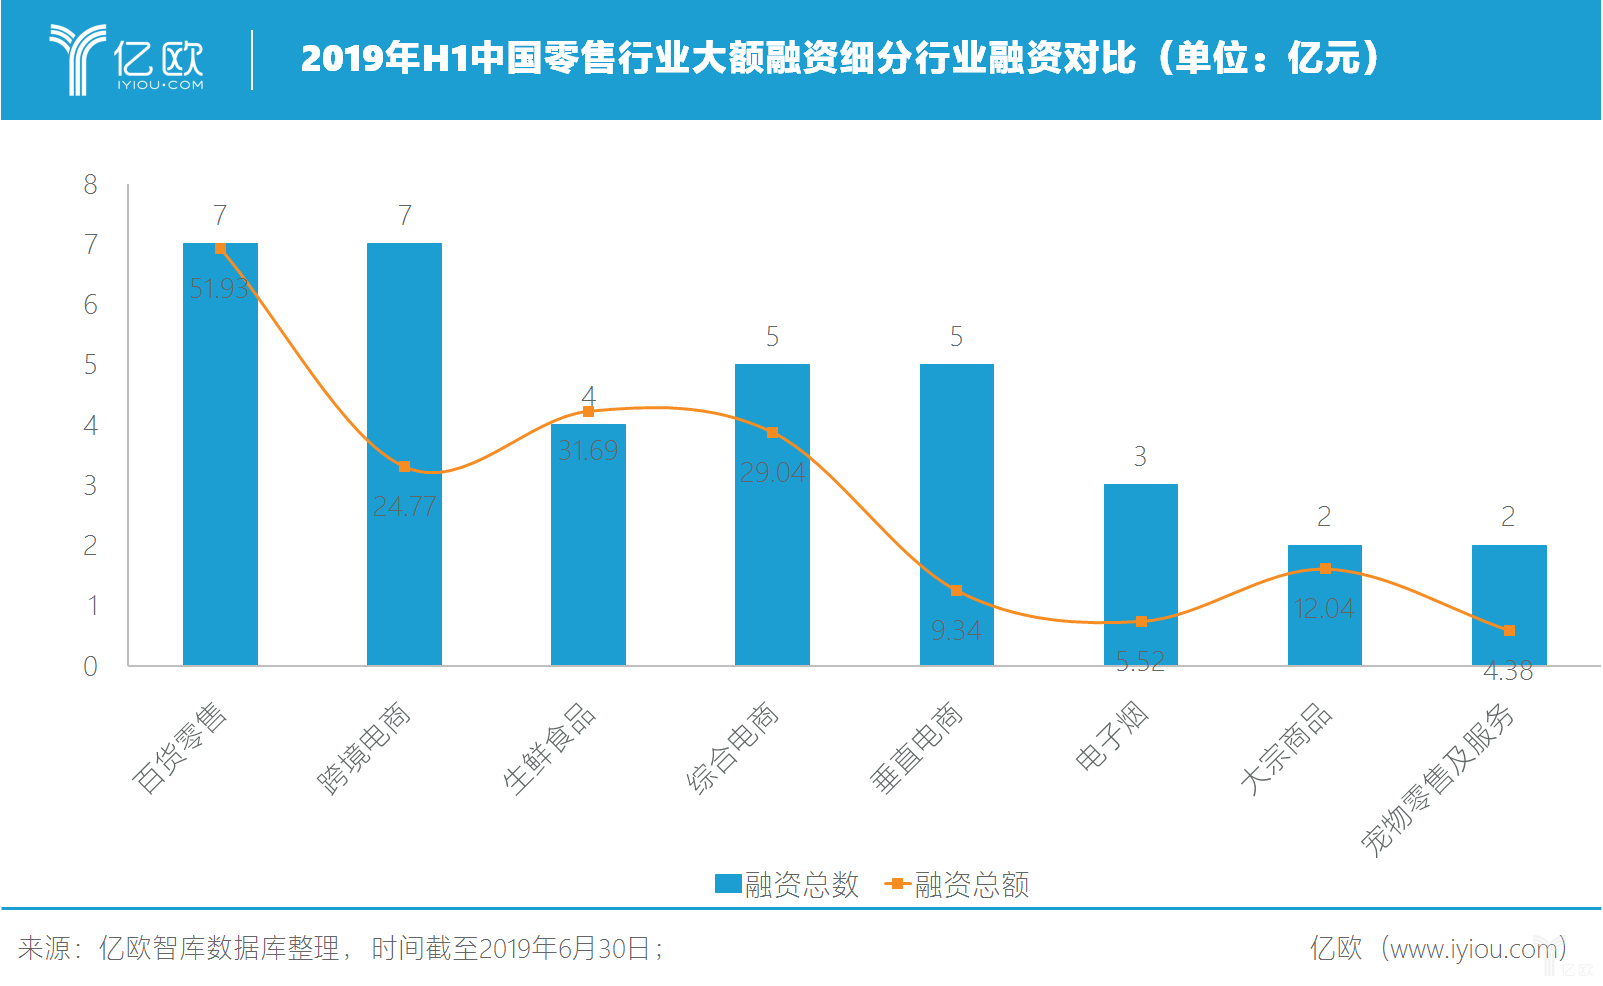 2019年H1中国零售行业大额融资细分行业融资对比(单位:亿元)